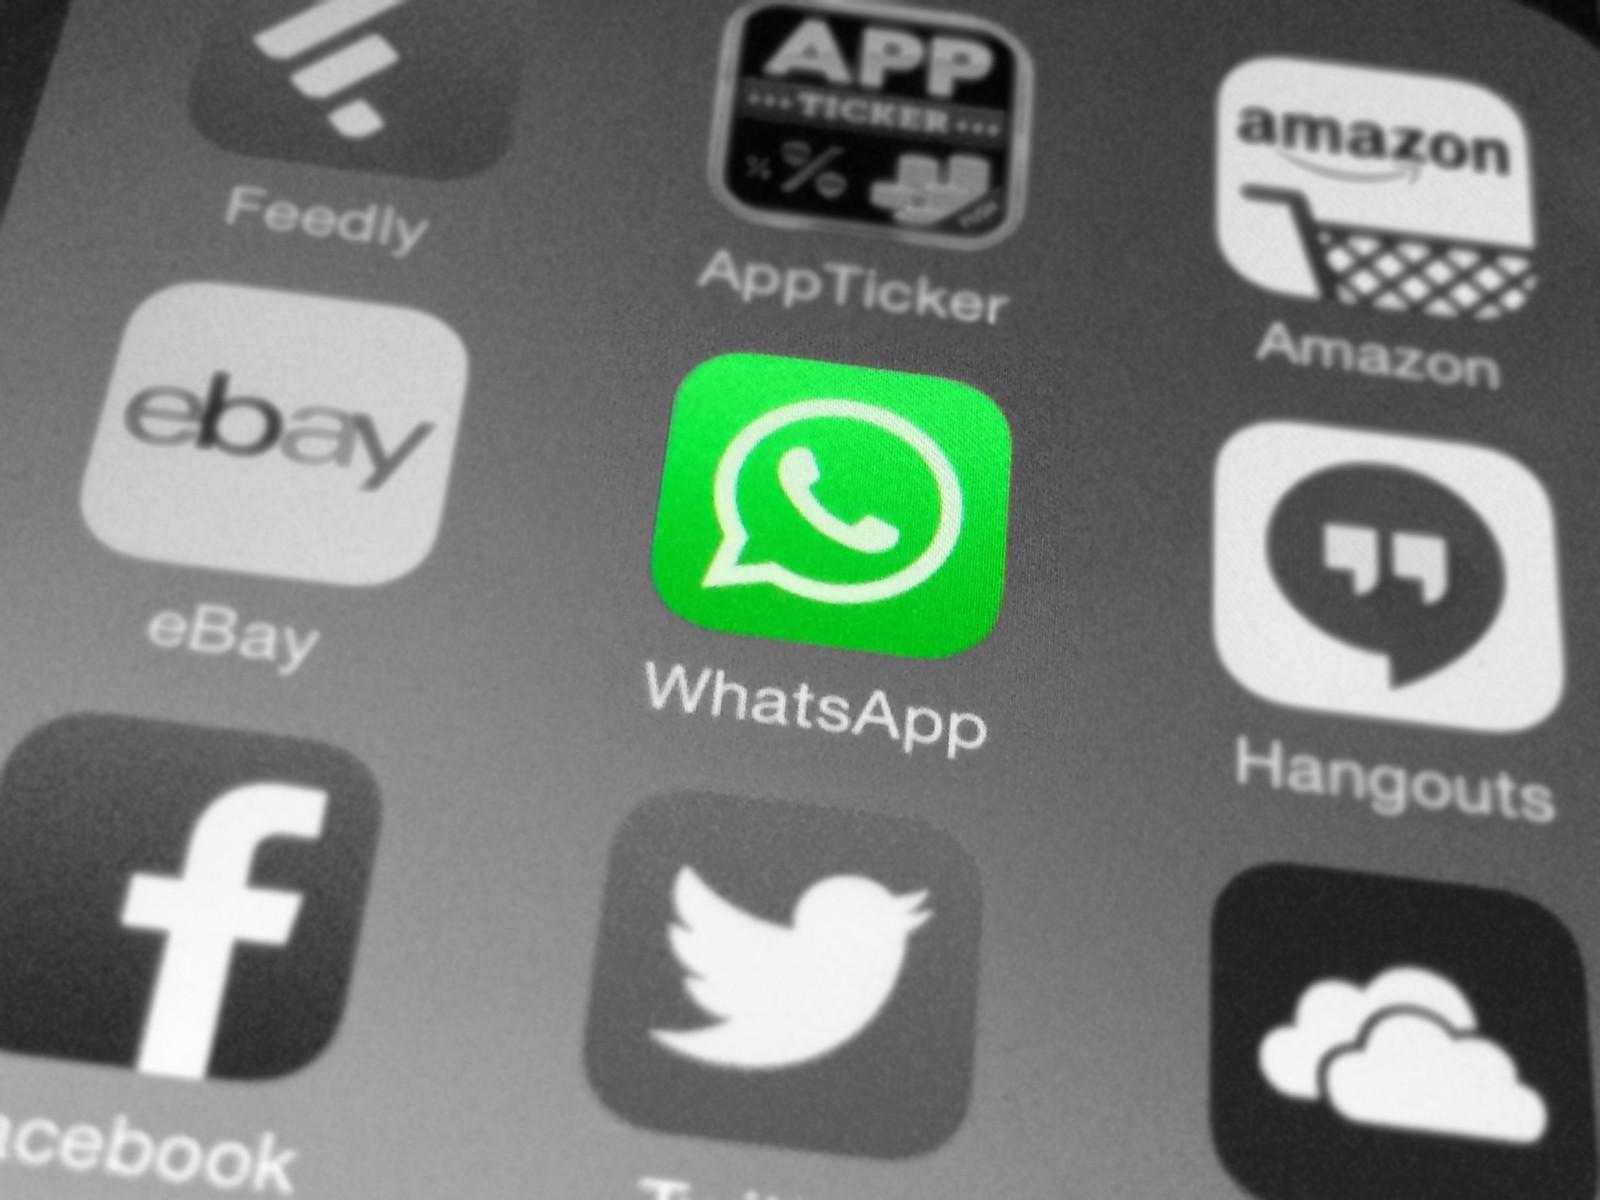 WhatsApp - In Zukunft also kostenlos - Werden wir jetzt Zur Ware